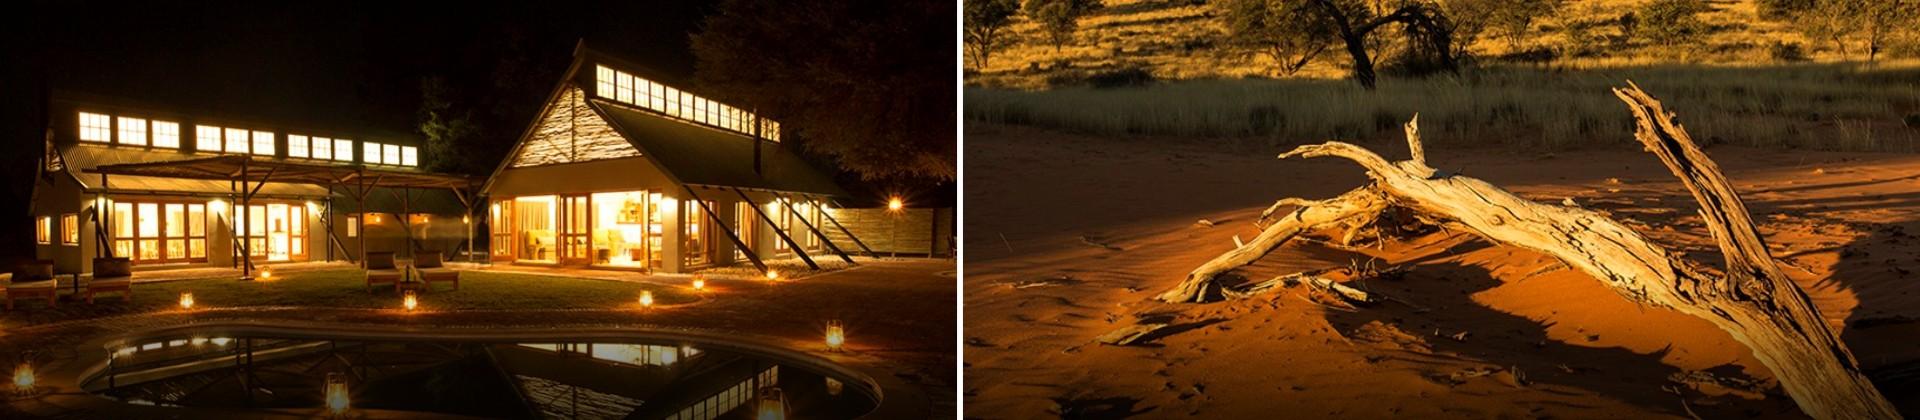 Contact Kalahari Game Lodge